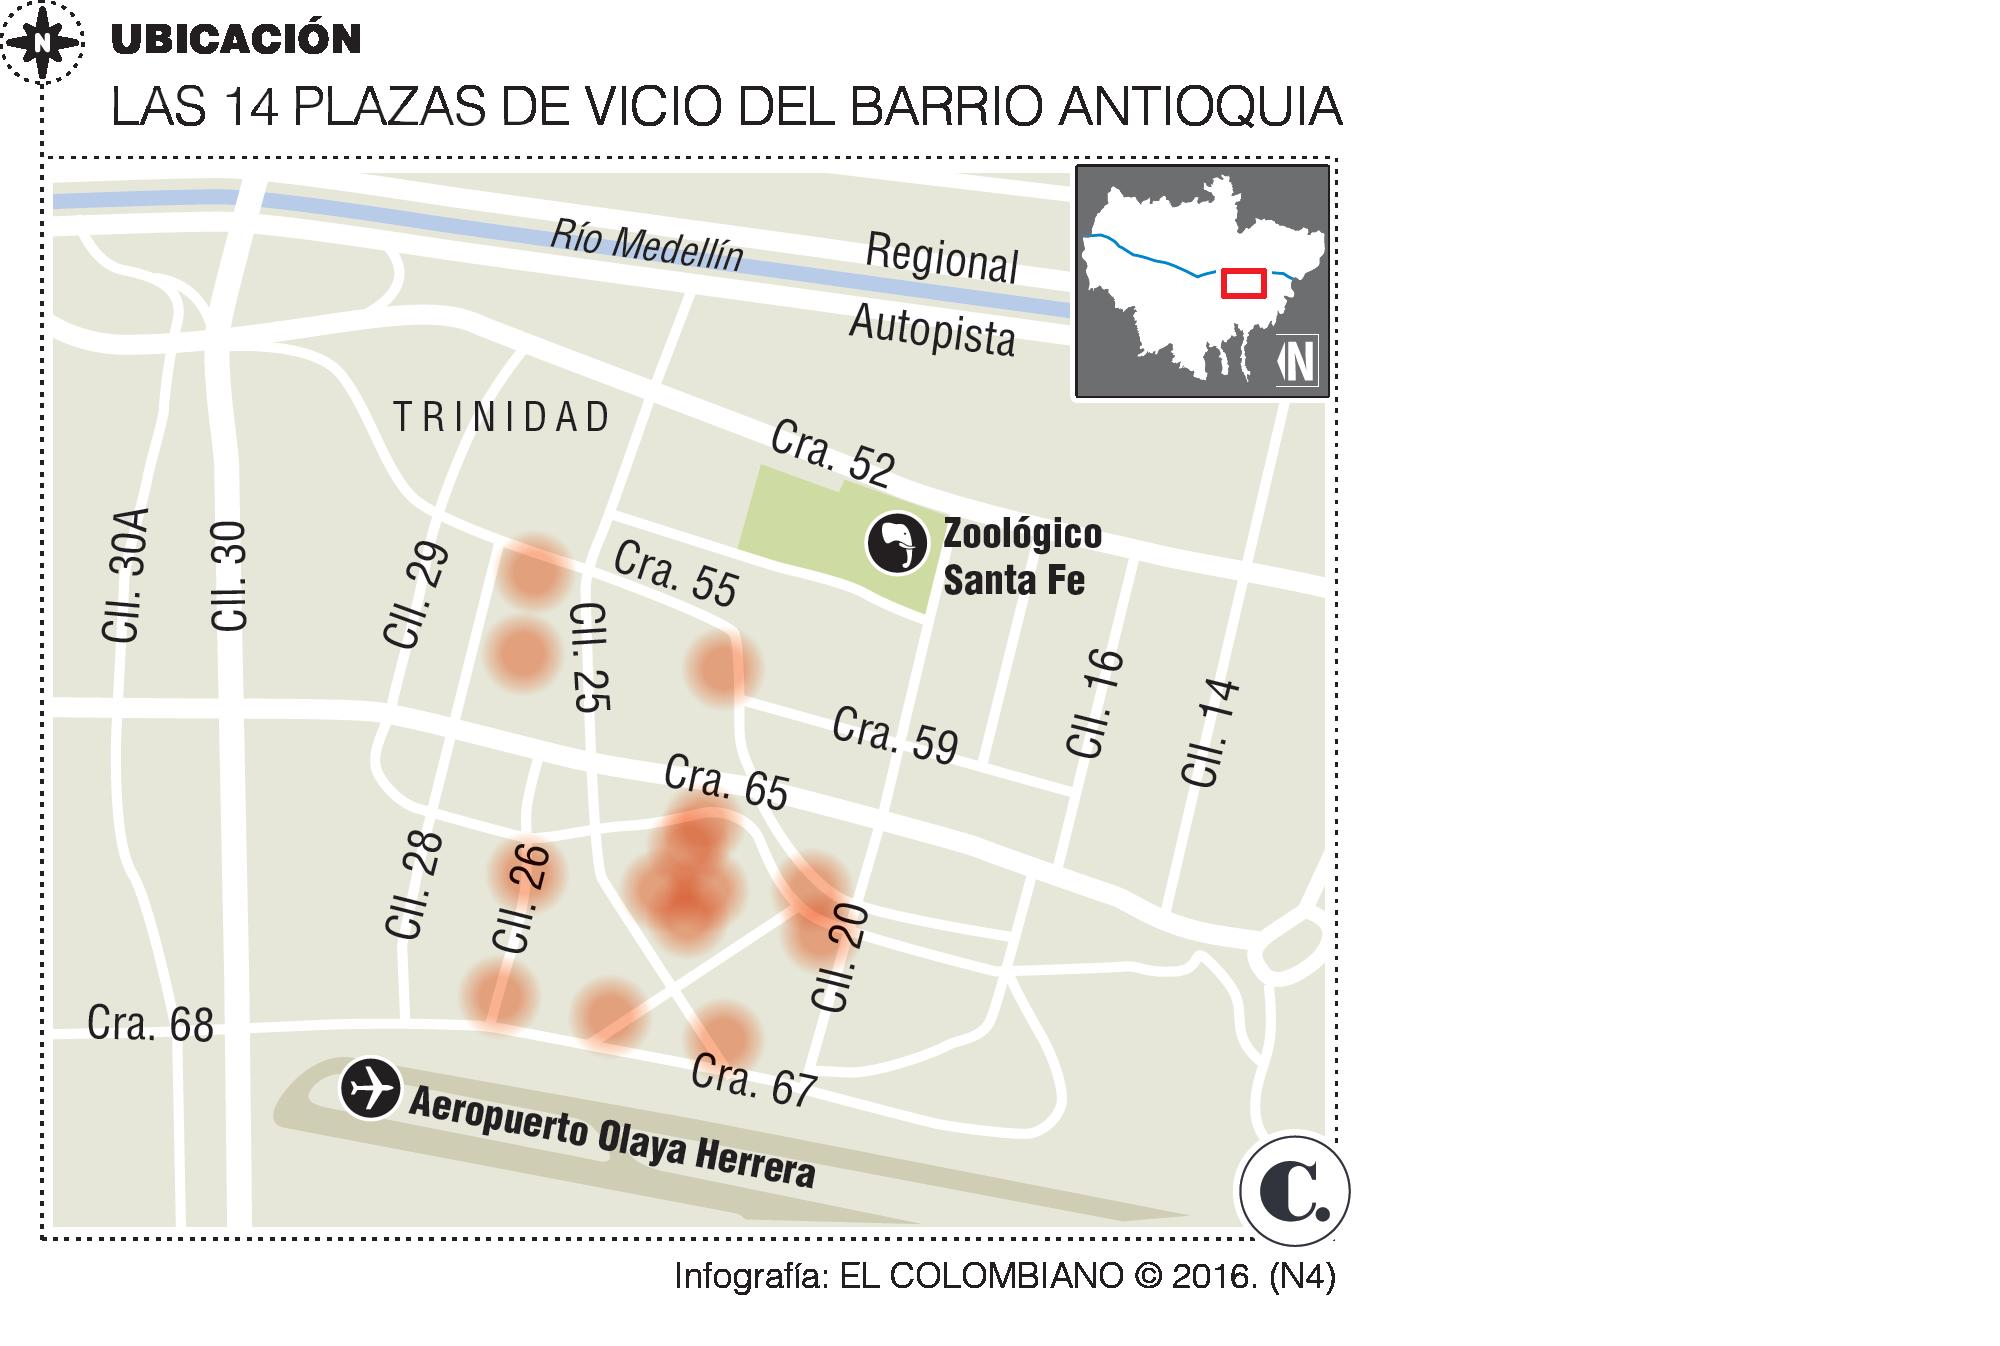 As opera el negocio de drogas en el Barrio Antioquia